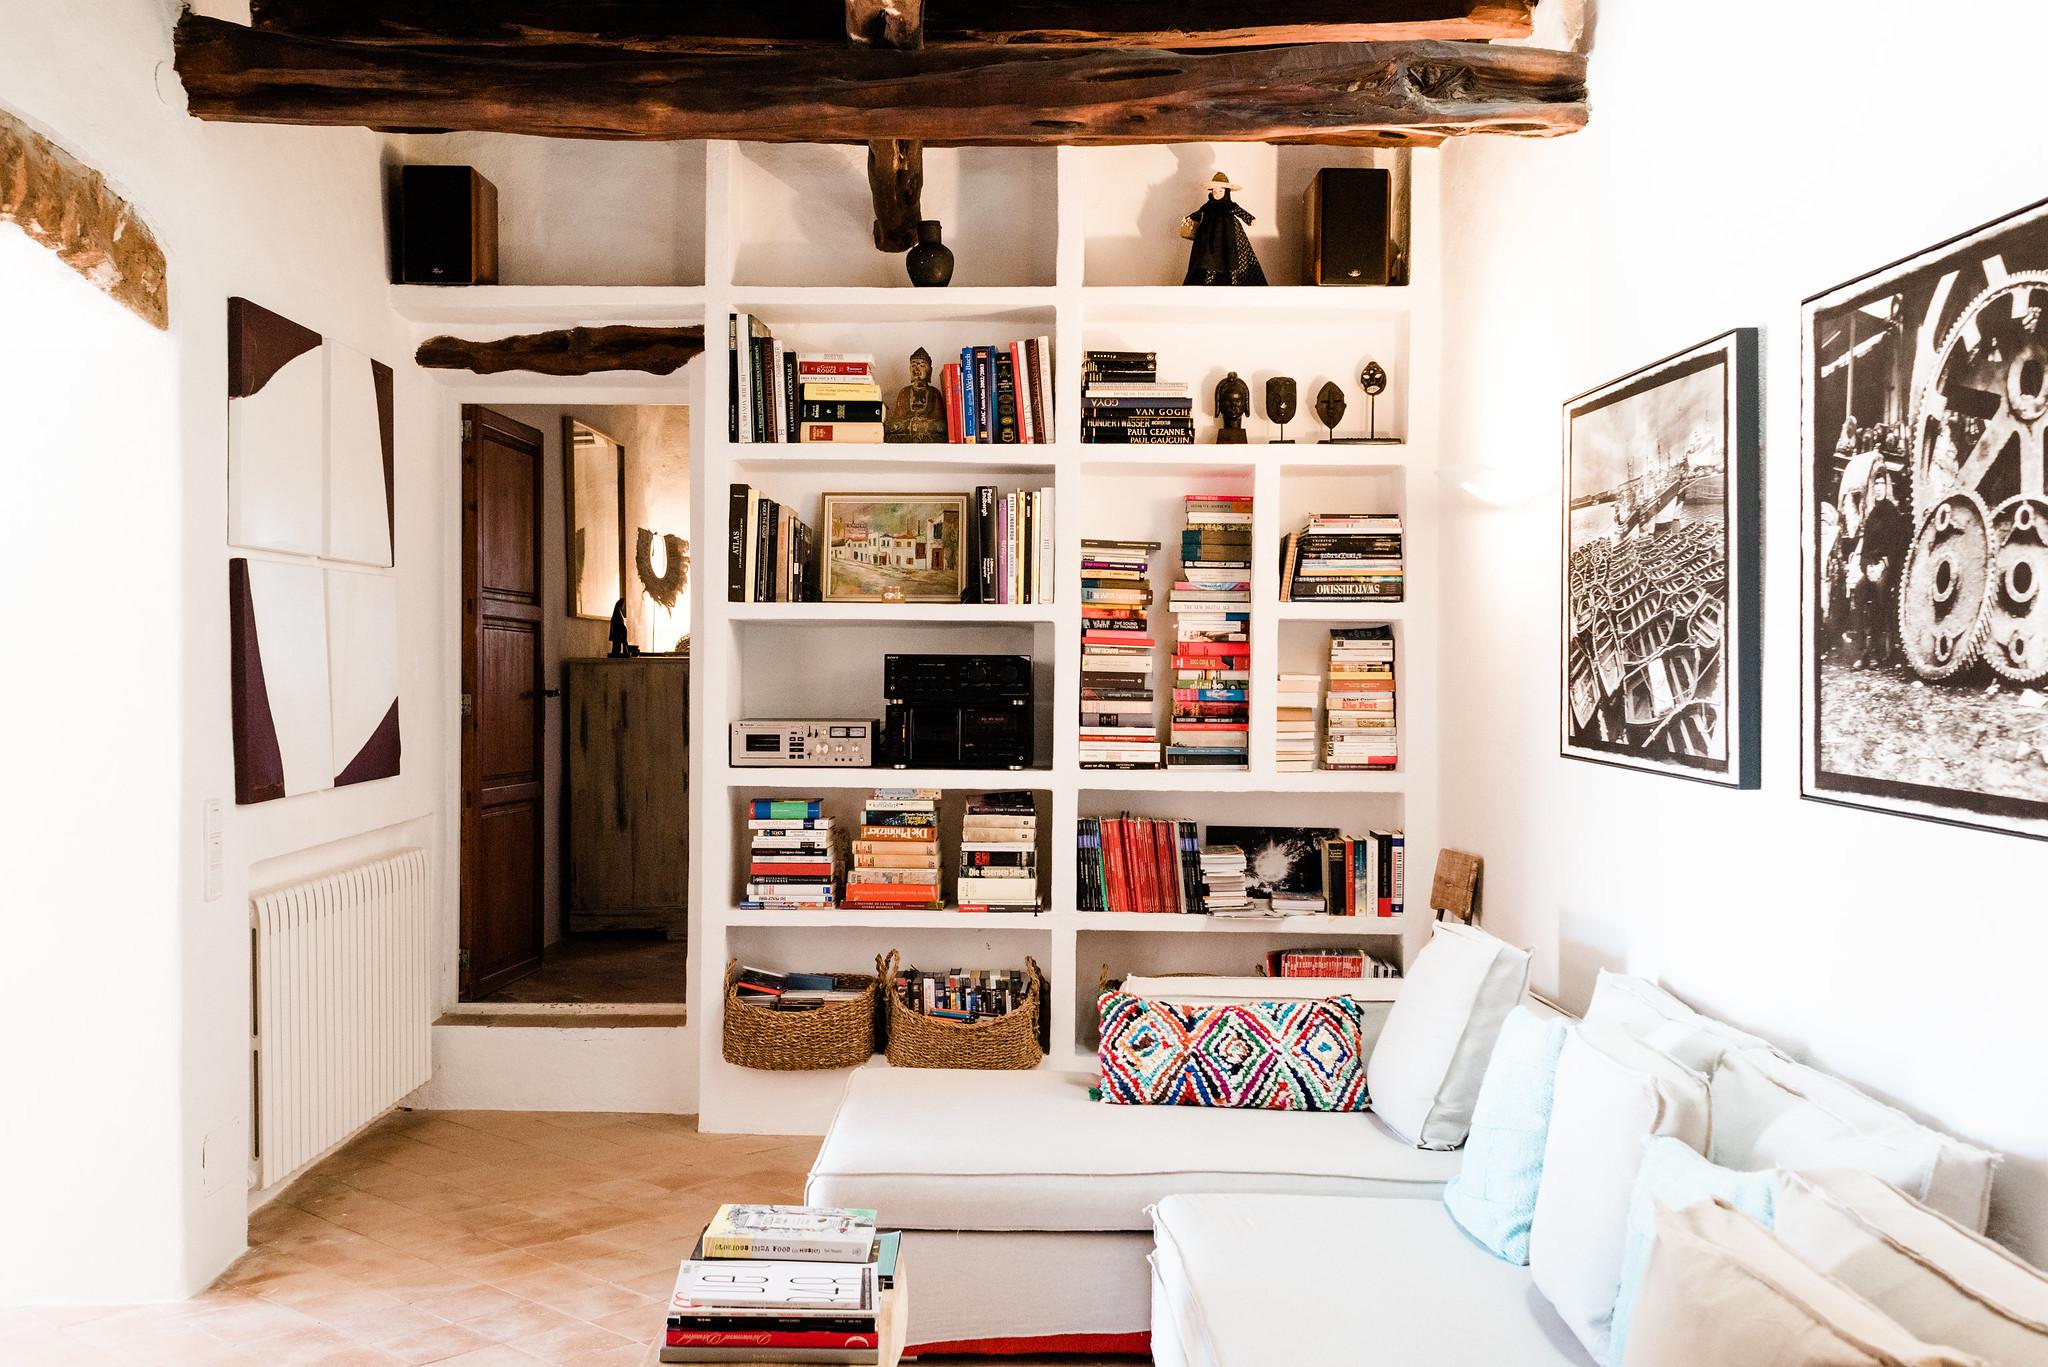 https://www.white-ibiza.com/wp-content/uploads/2020/06/white-ibiza-villas-villa-andrea-interior-bookshelf.jpg